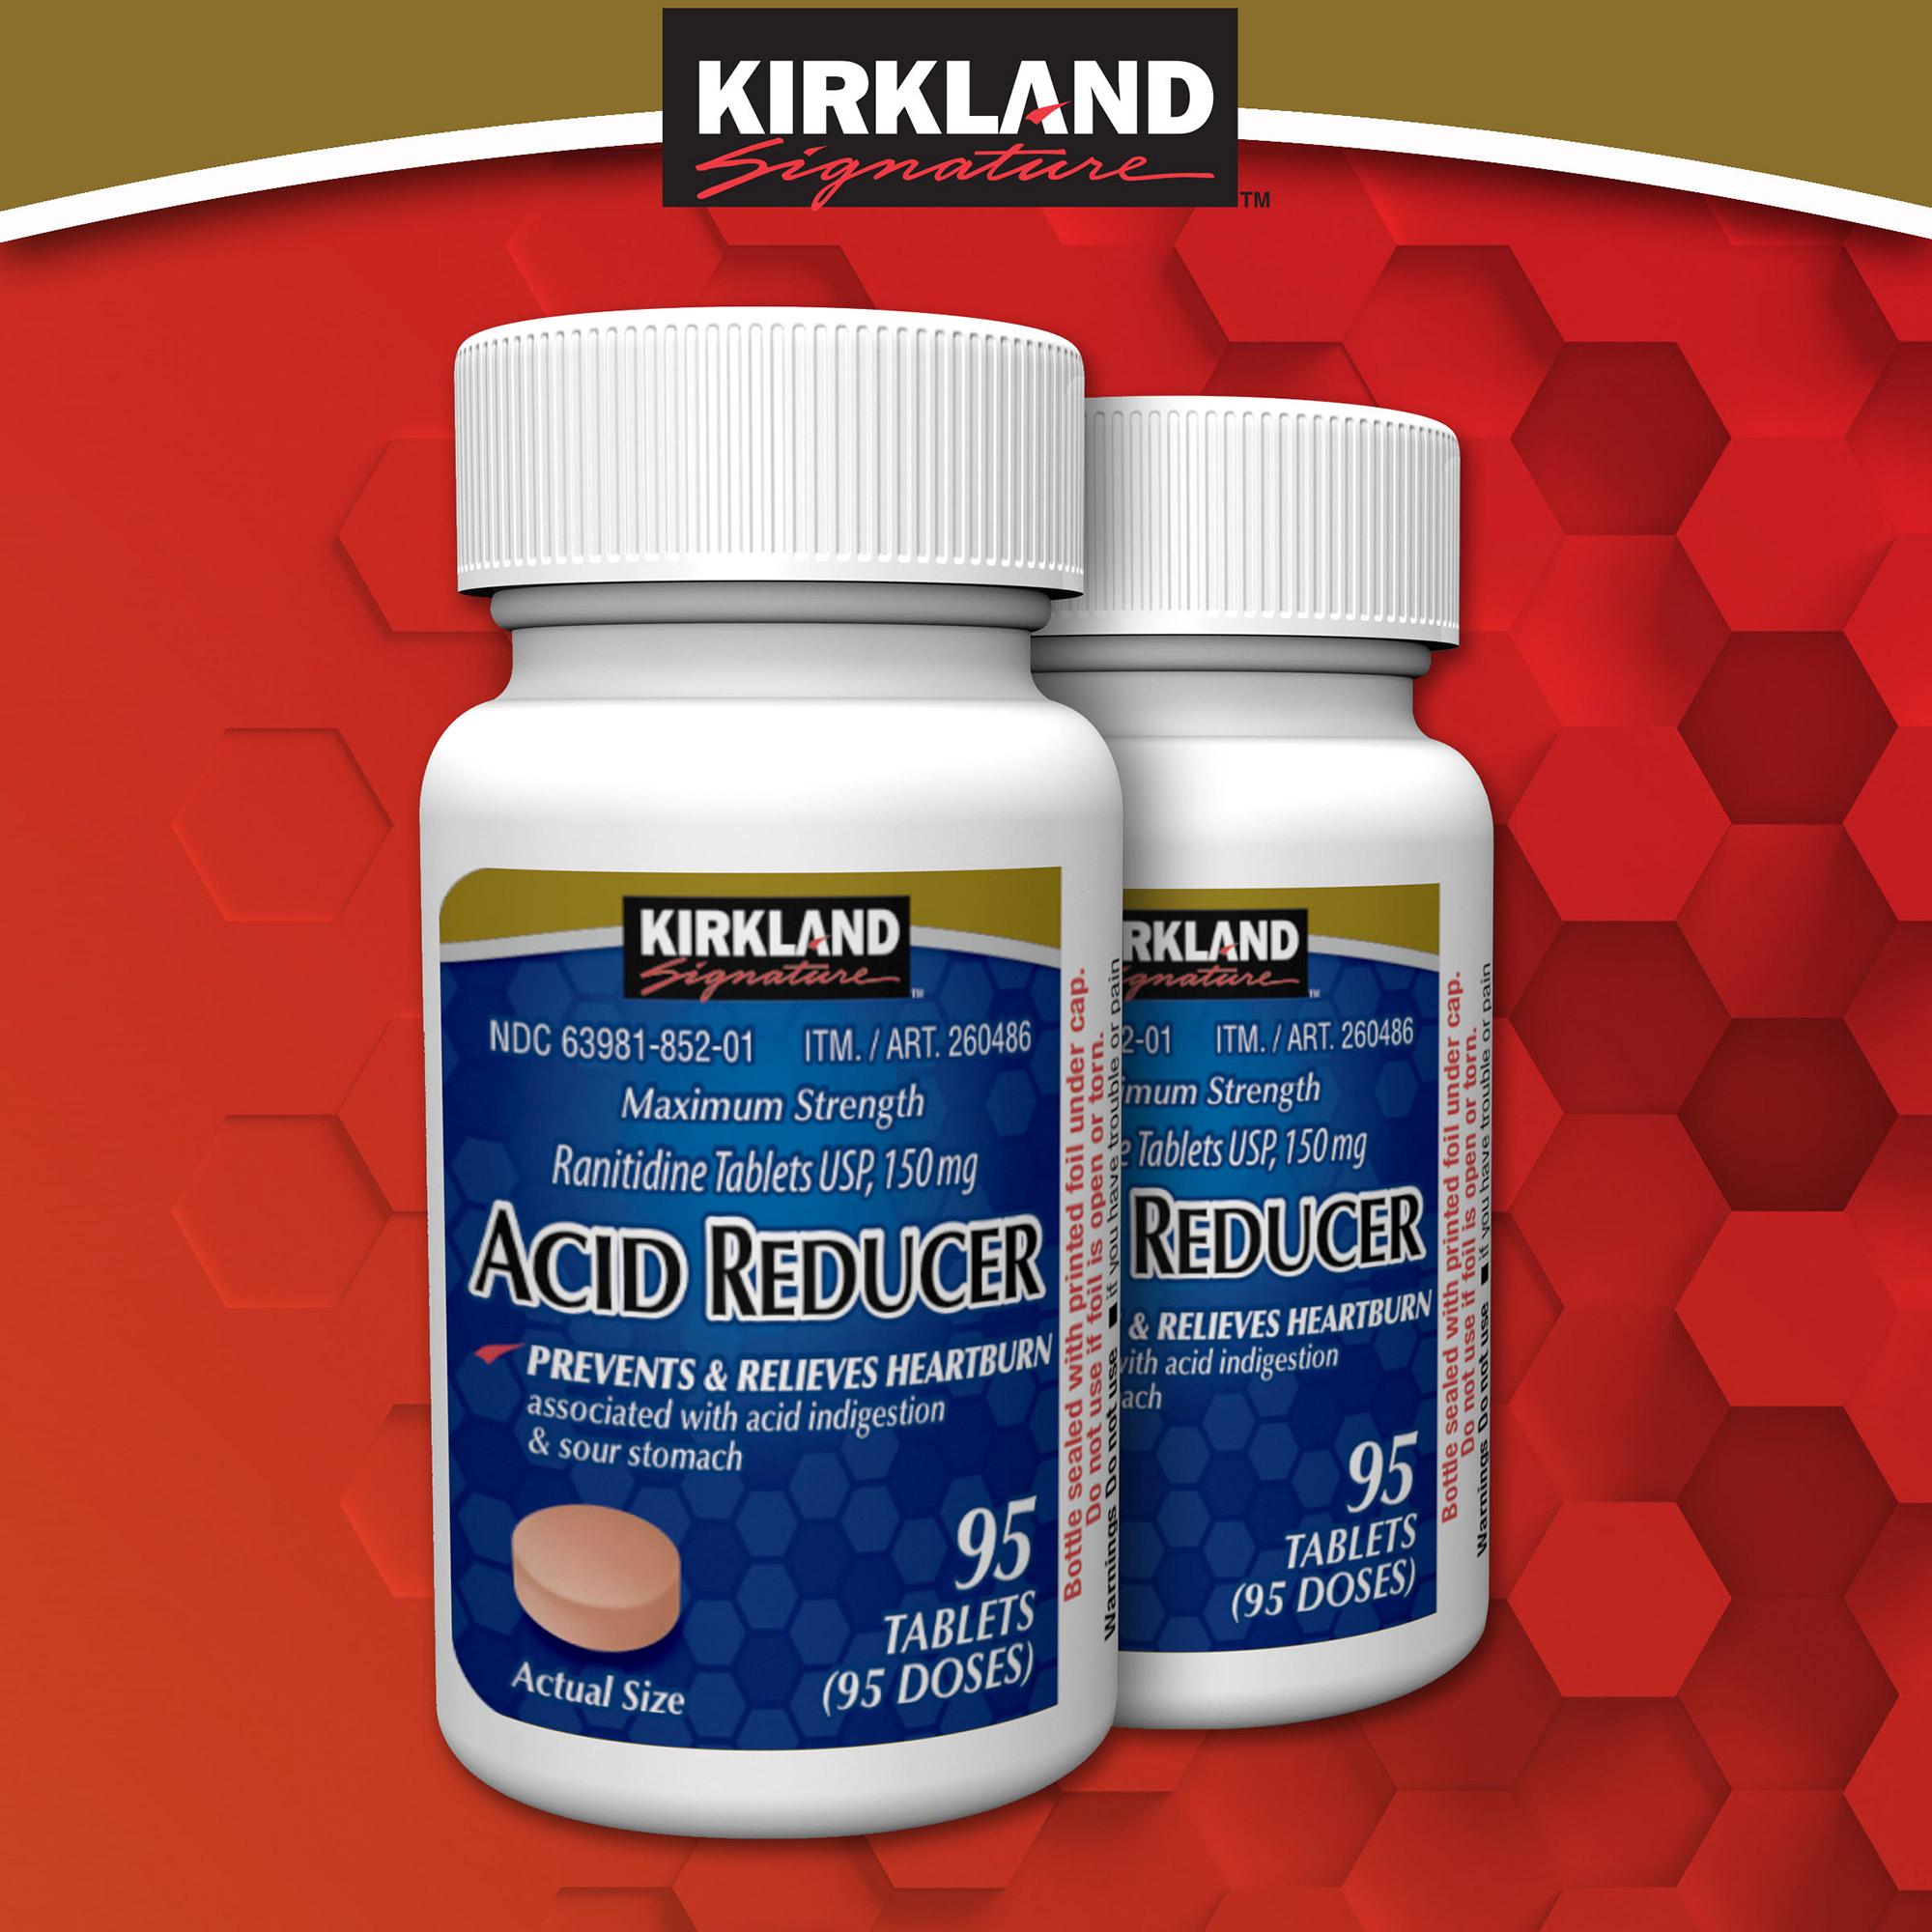 Kirkland Signature Acid Reducer, 190 Tablets